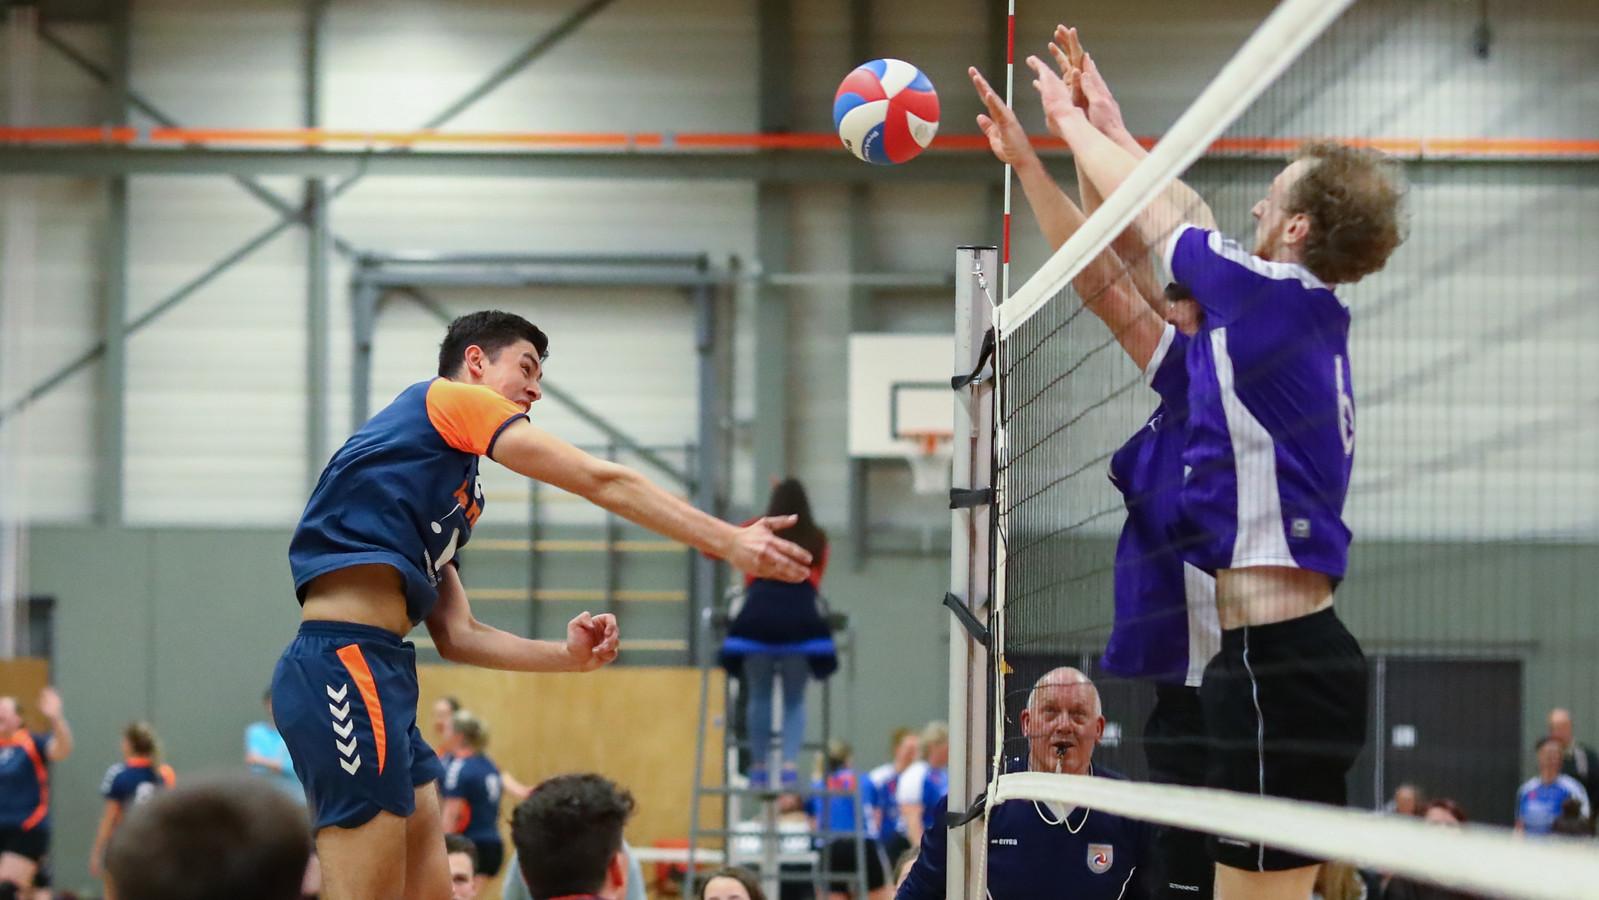 De volleyballers van Bovo zijn gepromoveerd naar de eerste divisie.